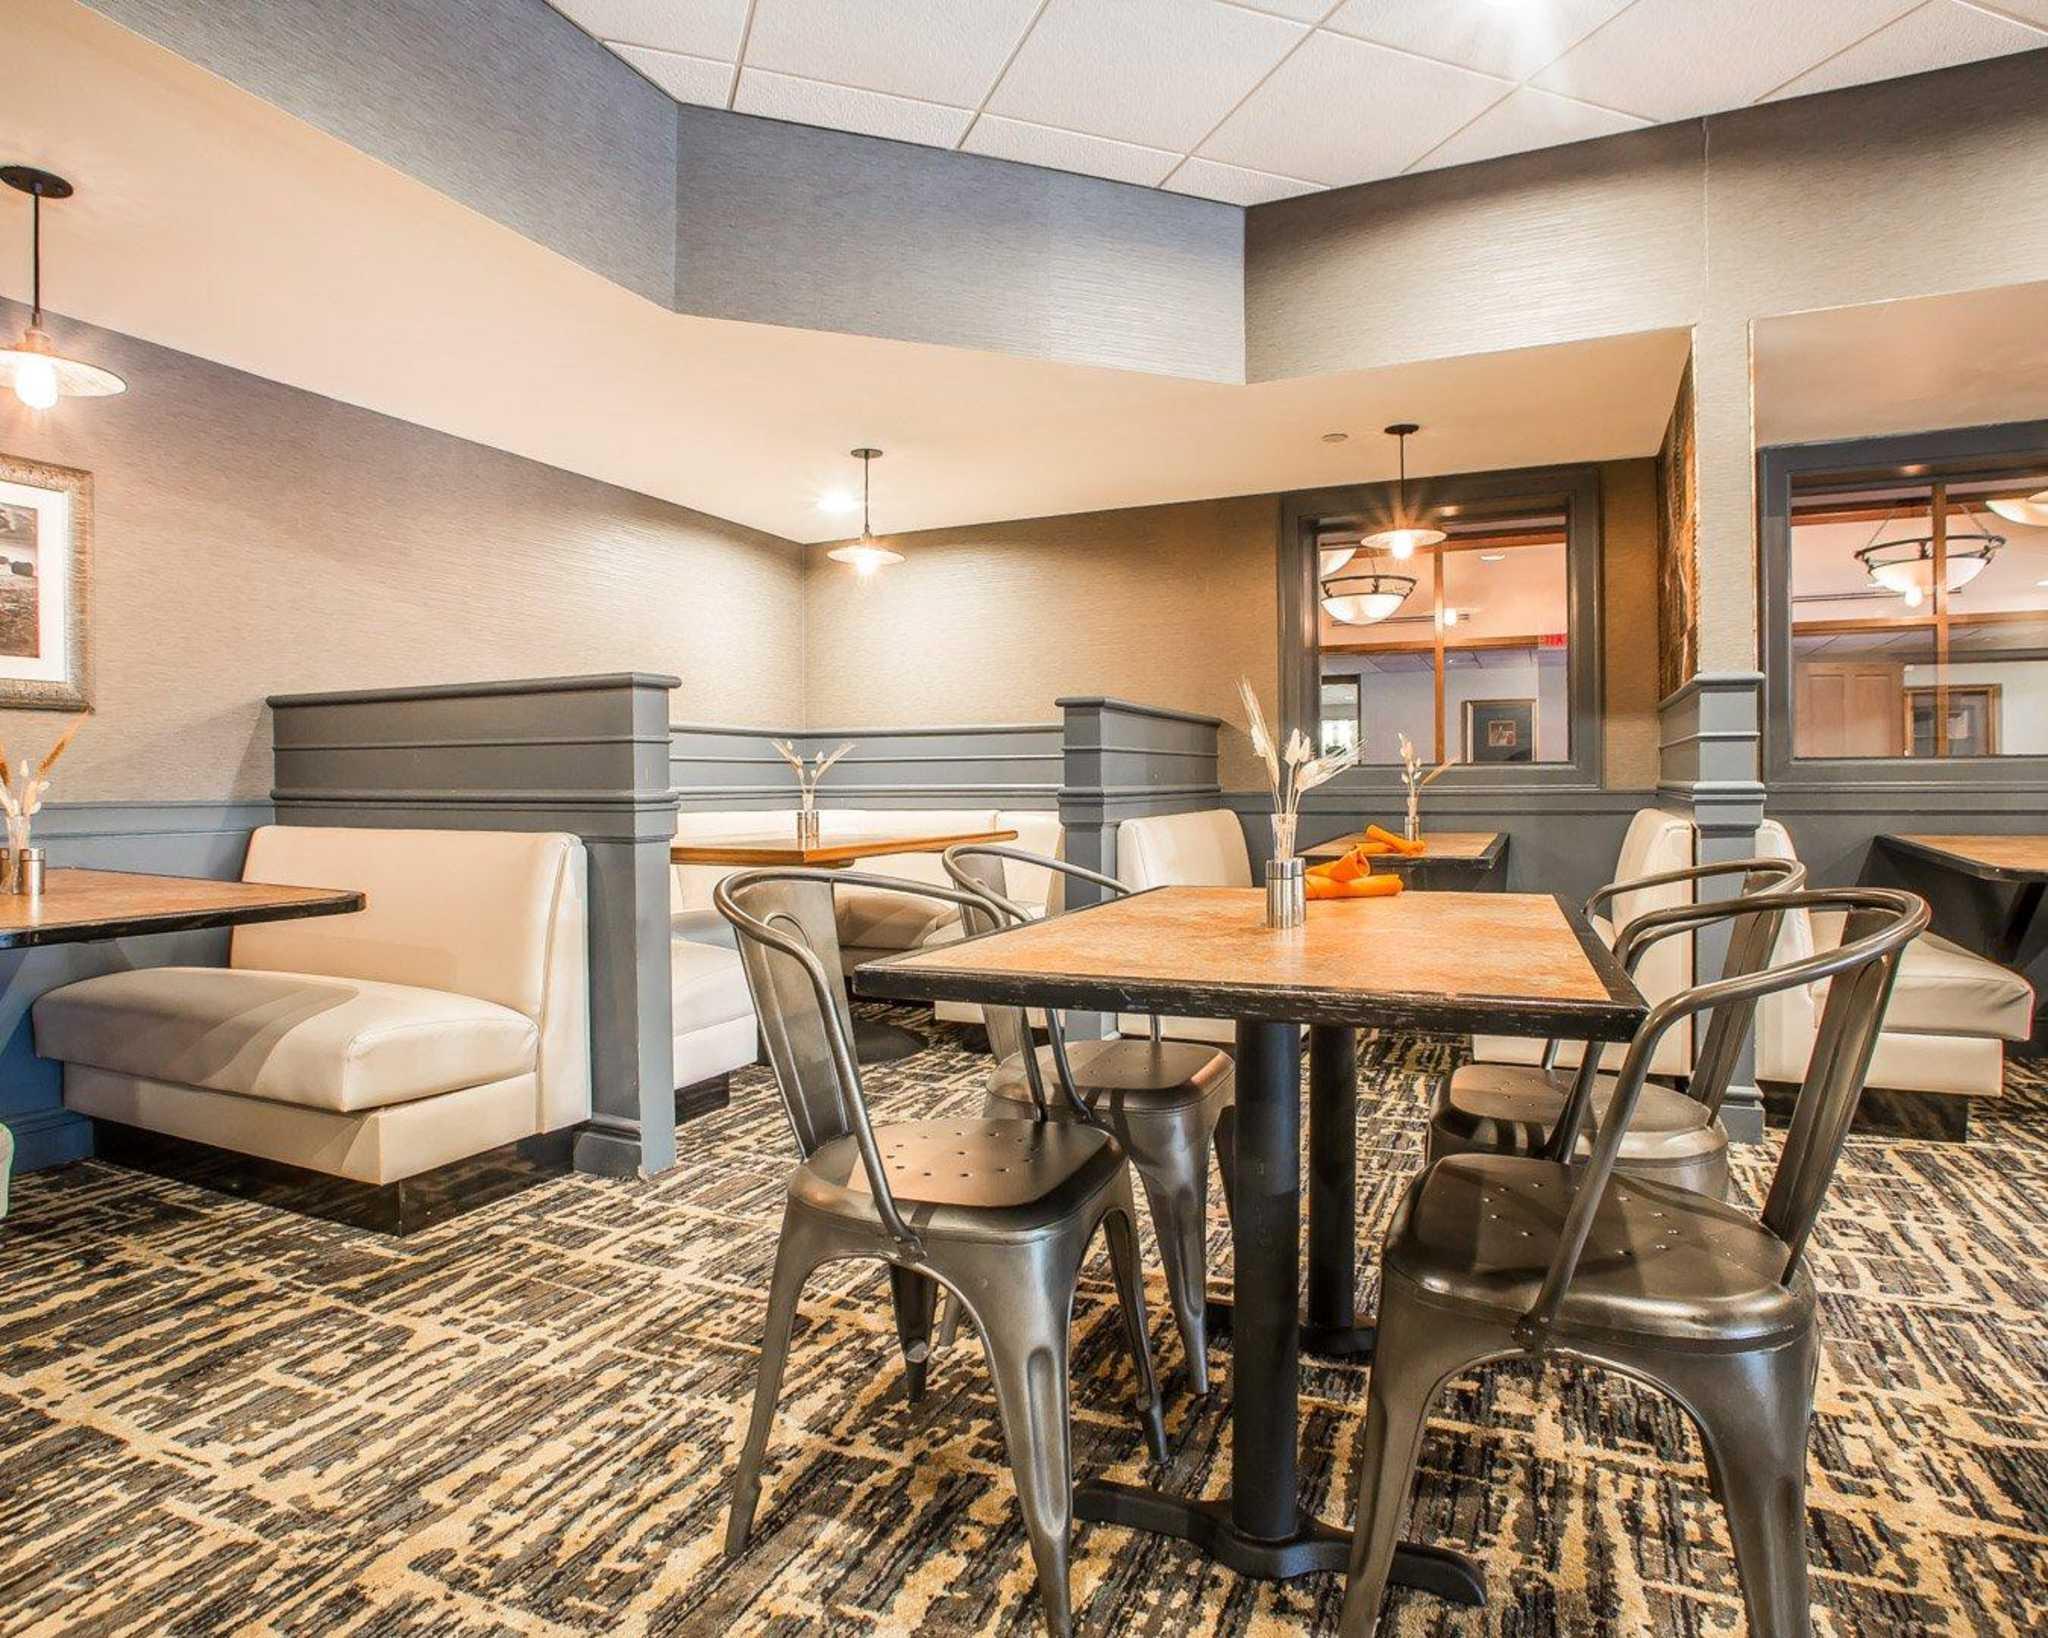 Clarion Hotel Highlander Conference Center image 21